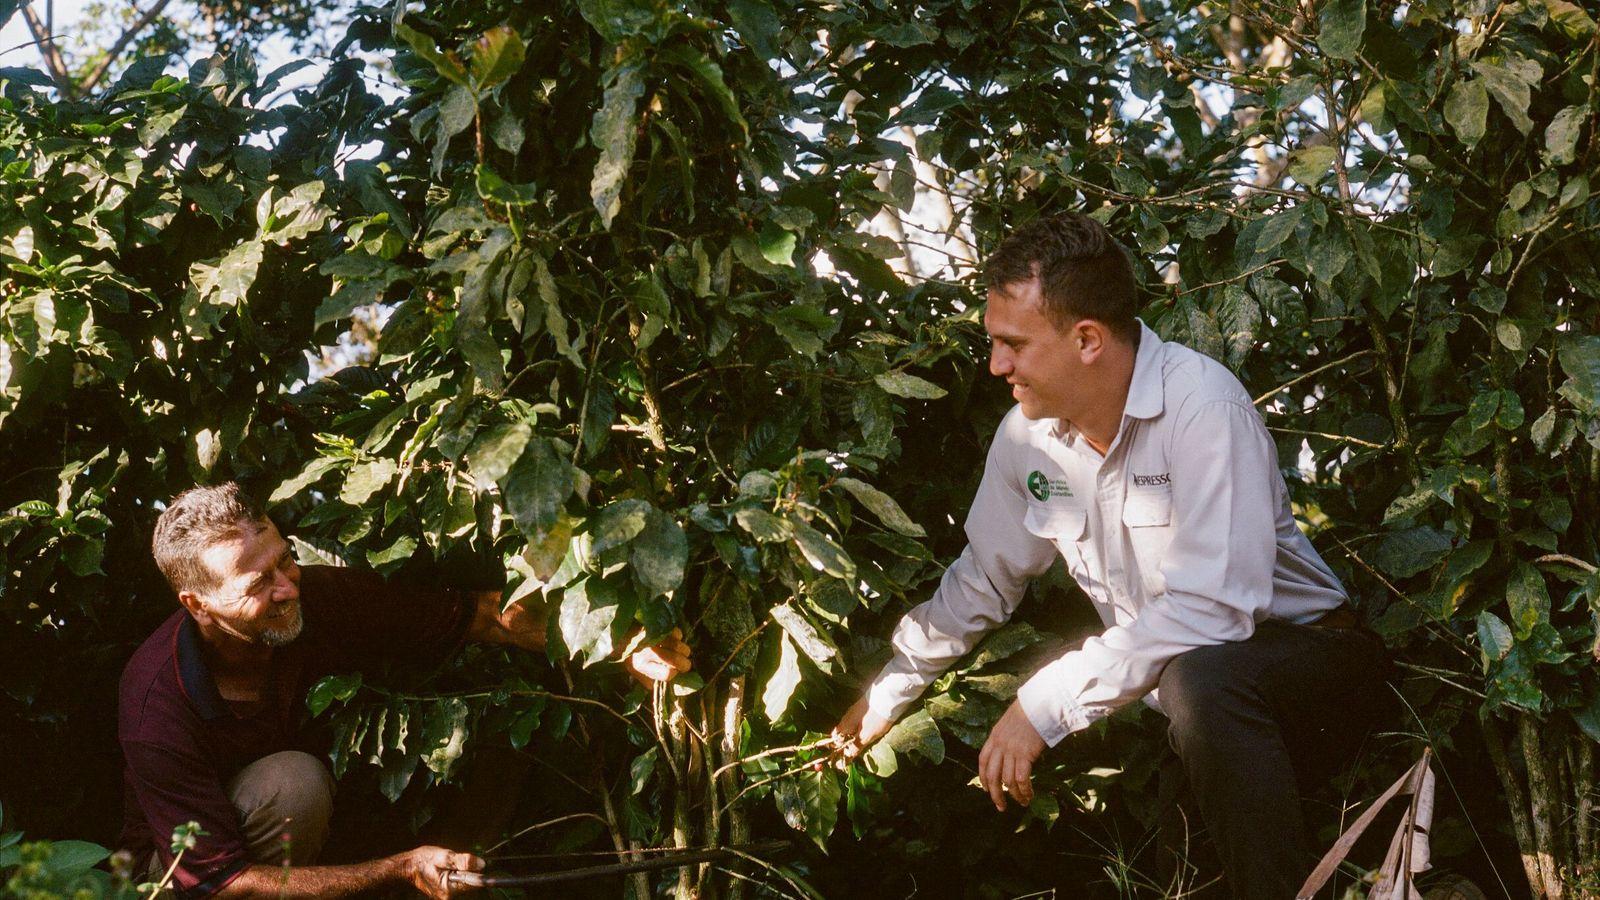 Luis e o engenheiro agrónomo Fernando podam um ramo juntos. Os dois têm agora uma relação ...